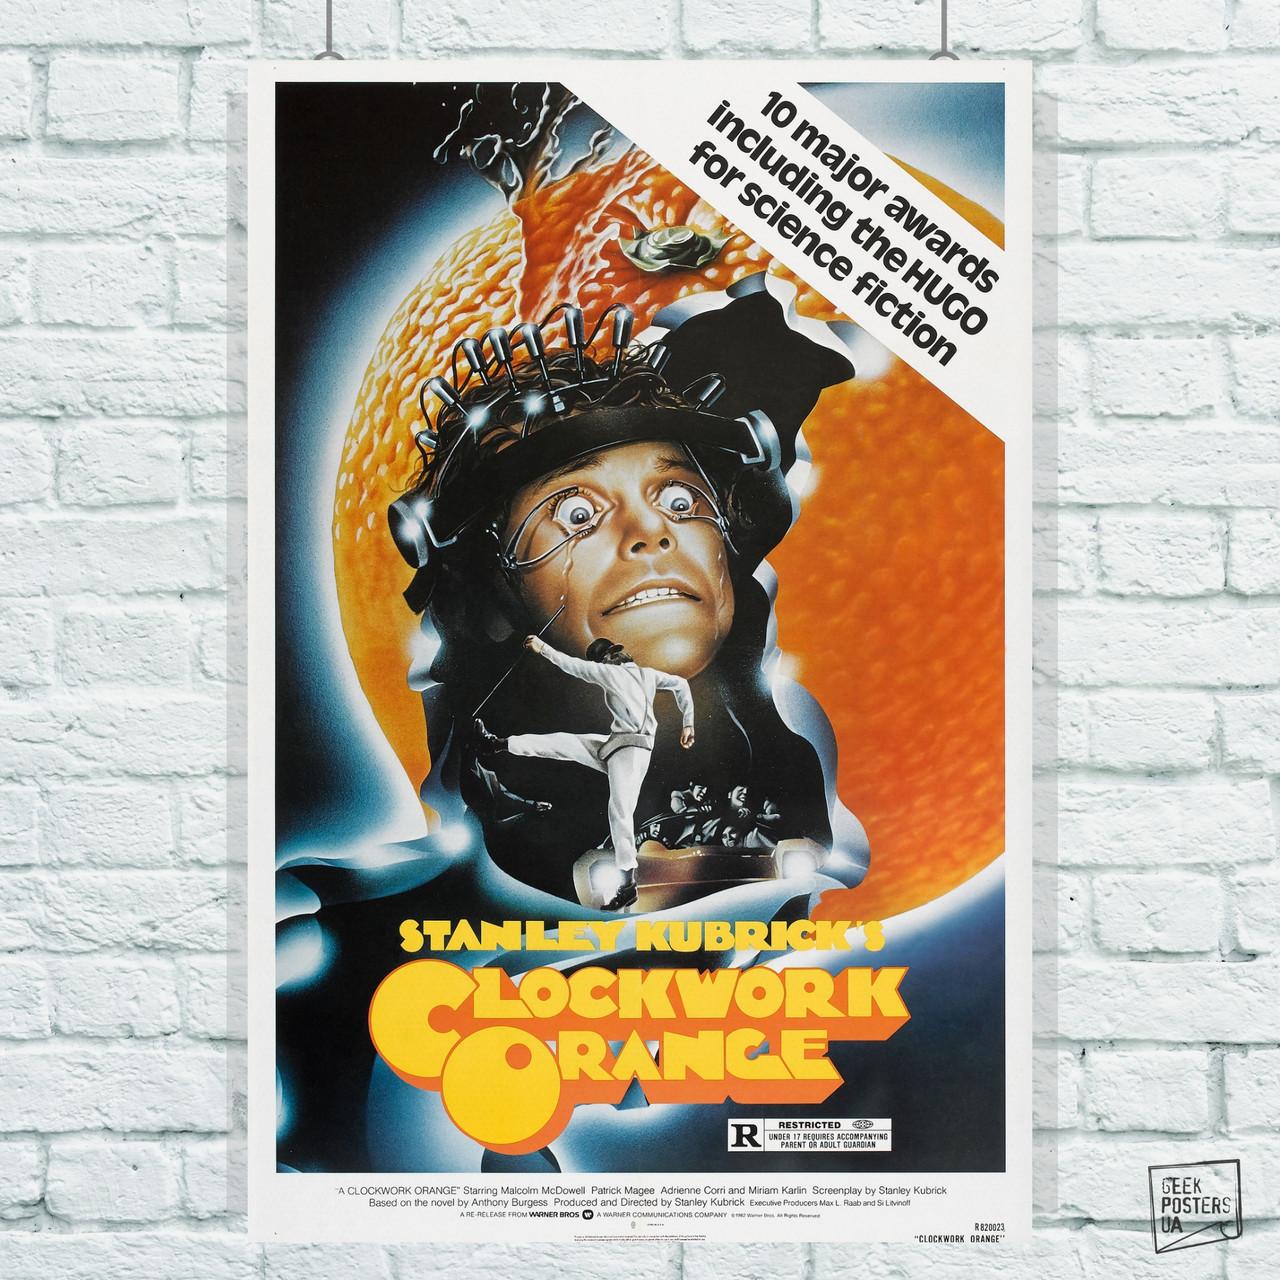 Постер Clockwork Orange, Заводной Апельсин, Кубрик. Размер 60x40см (A2). Глянцевая бумага